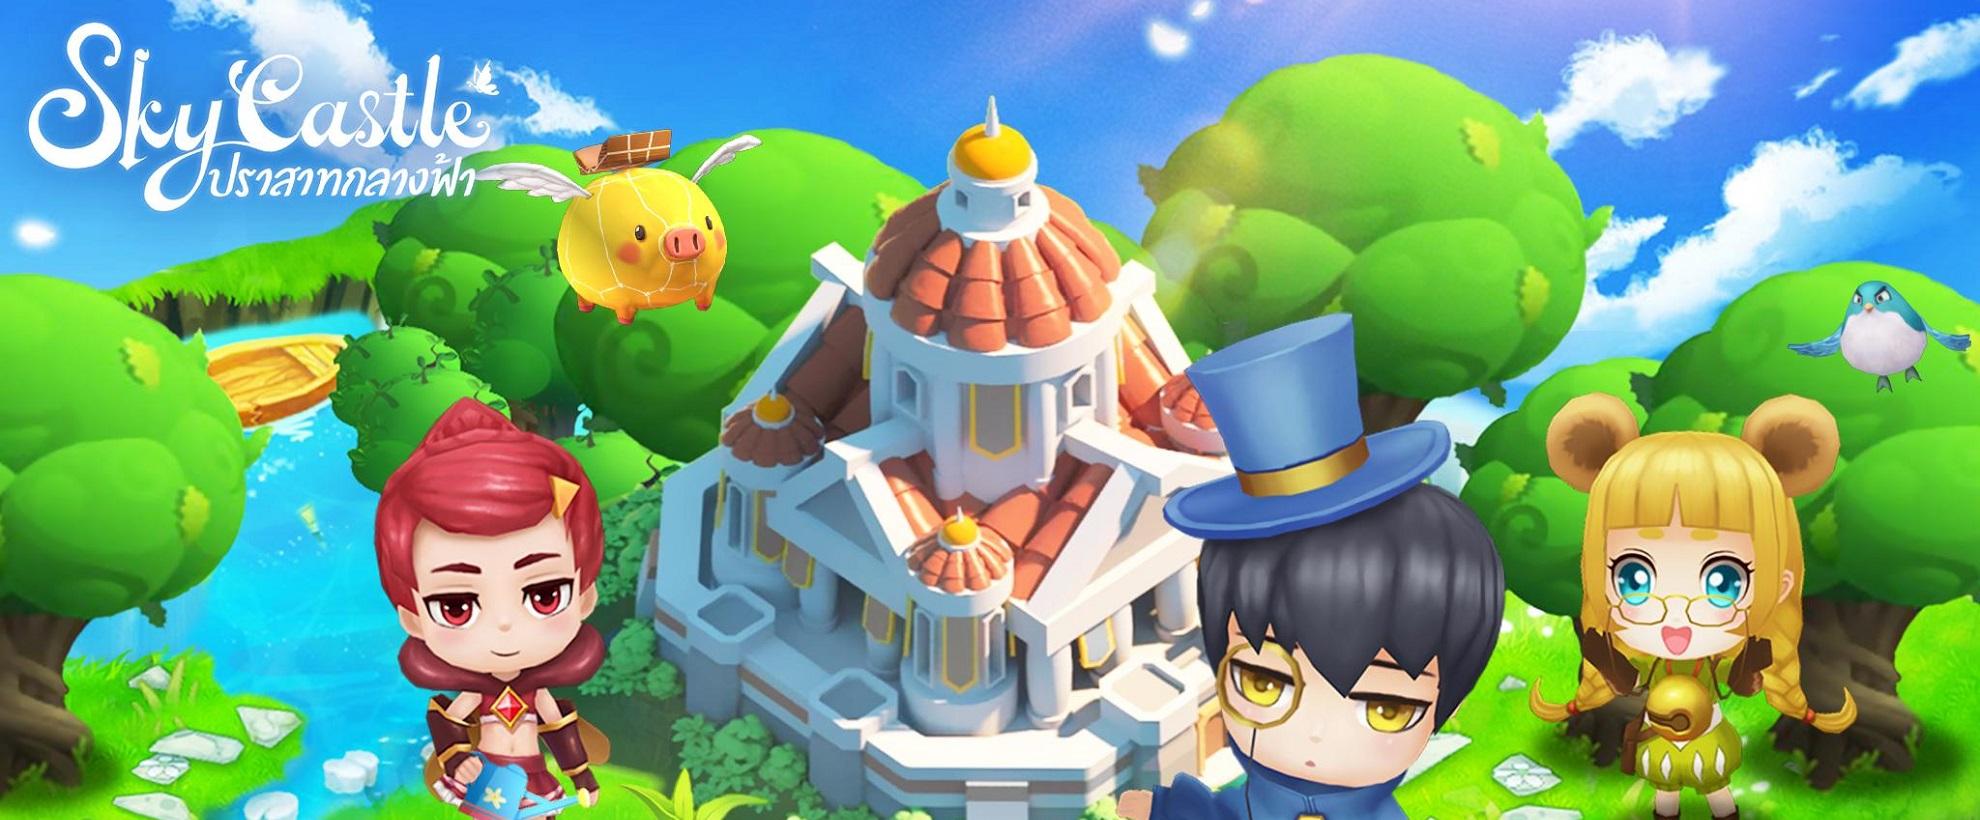 Sky Castle: ปราสาทกลางฟ้า